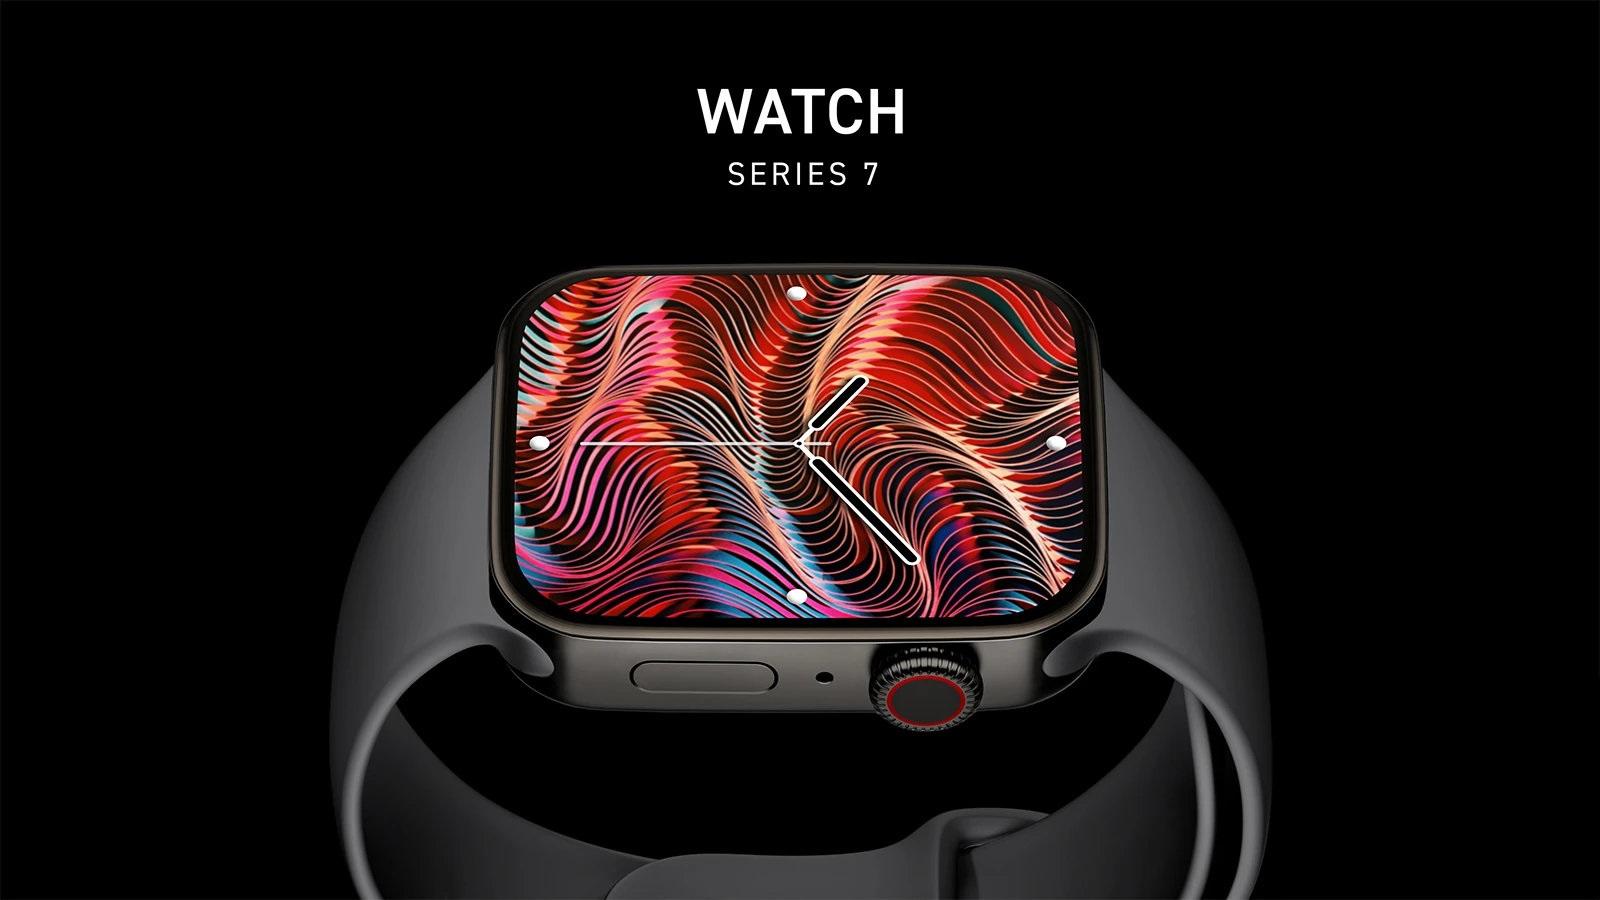 همه چیز درباره اپل واچ 7: نسل آینده ساعت هوشمند اپل چه امکاناتی خواهد داشت؟ 4